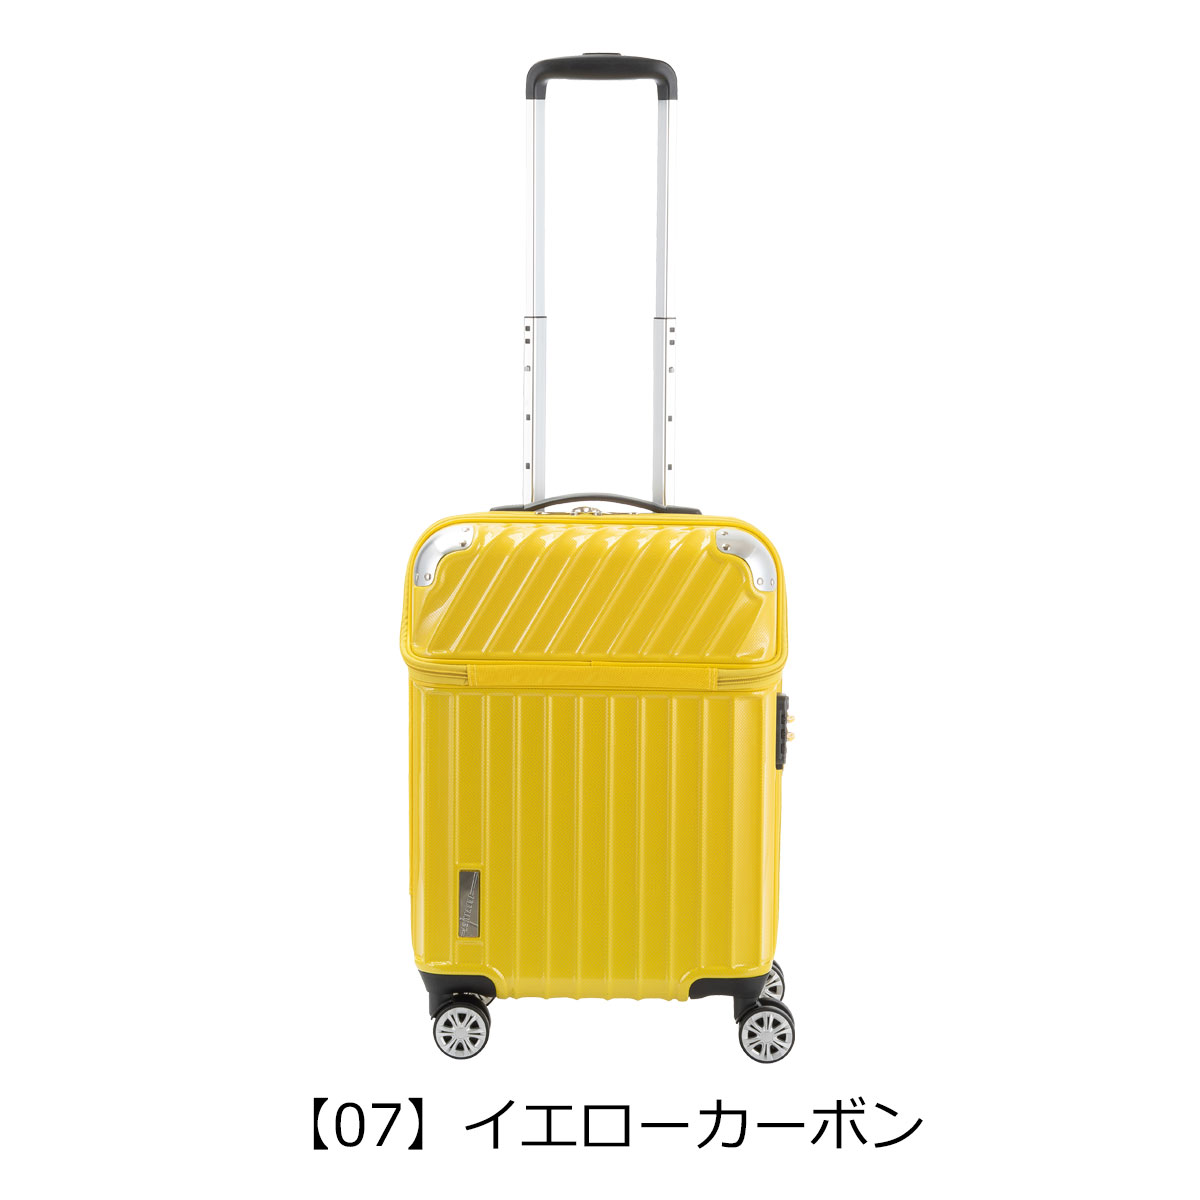 【07】イエローカーボン